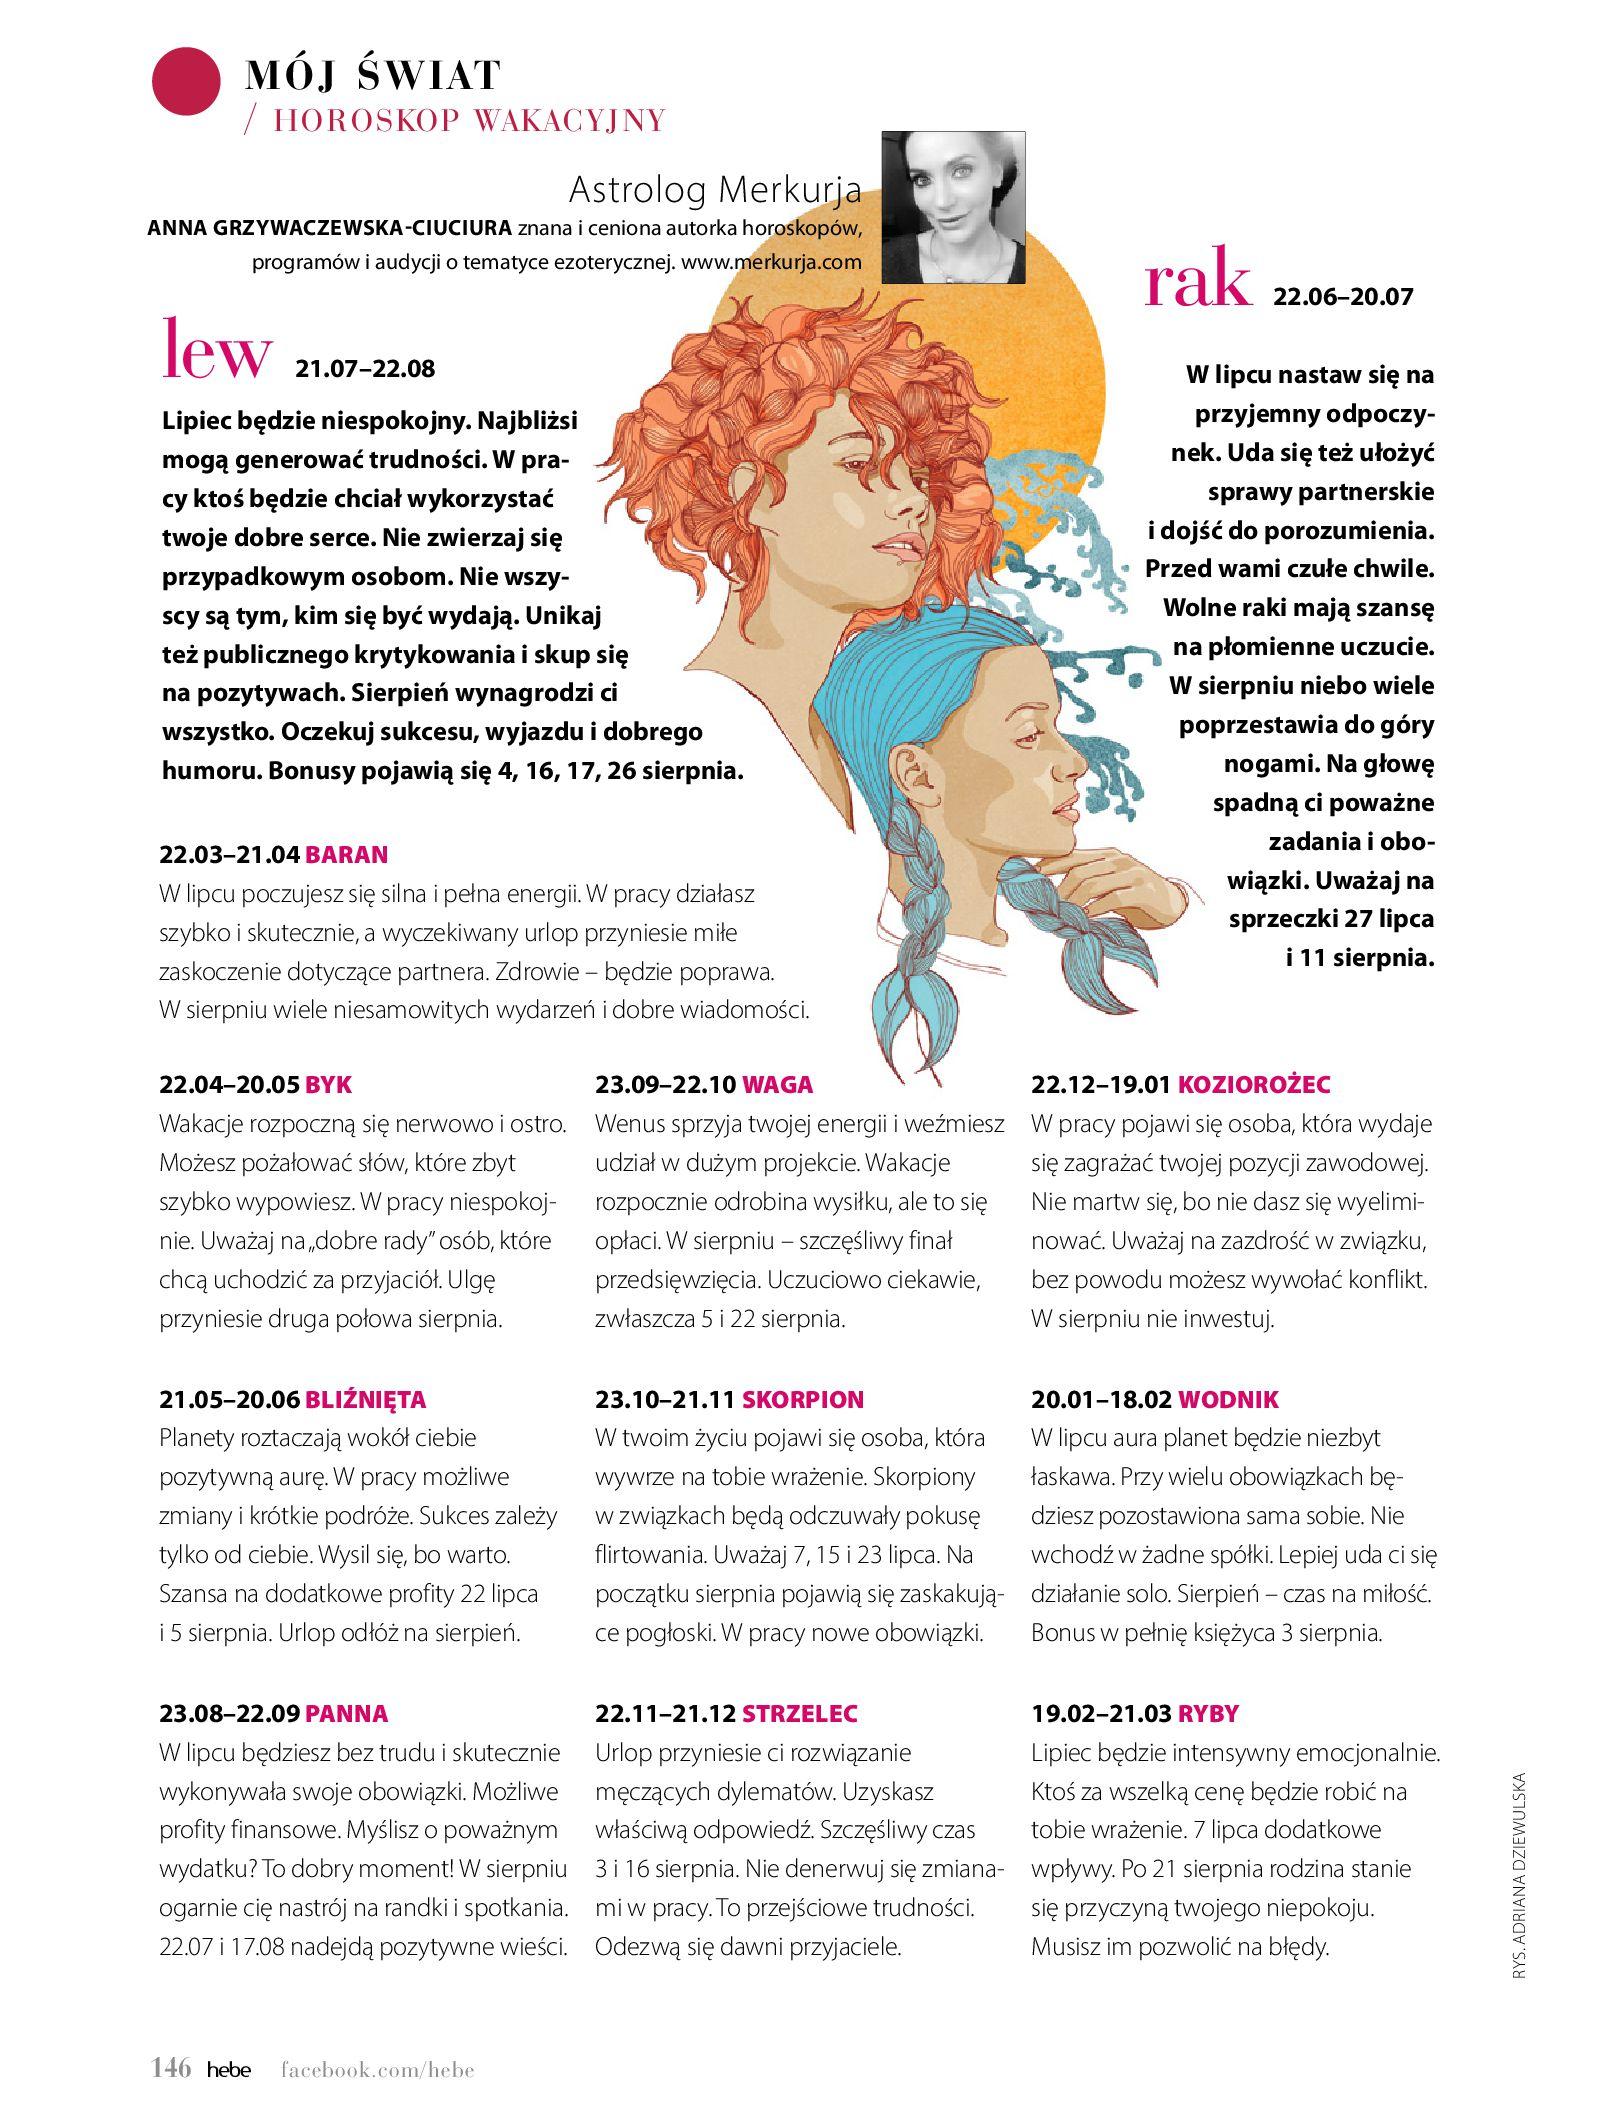 Gazetka hebe - Magazyn Hebe-30.06.2020-31.08.2020-page-146